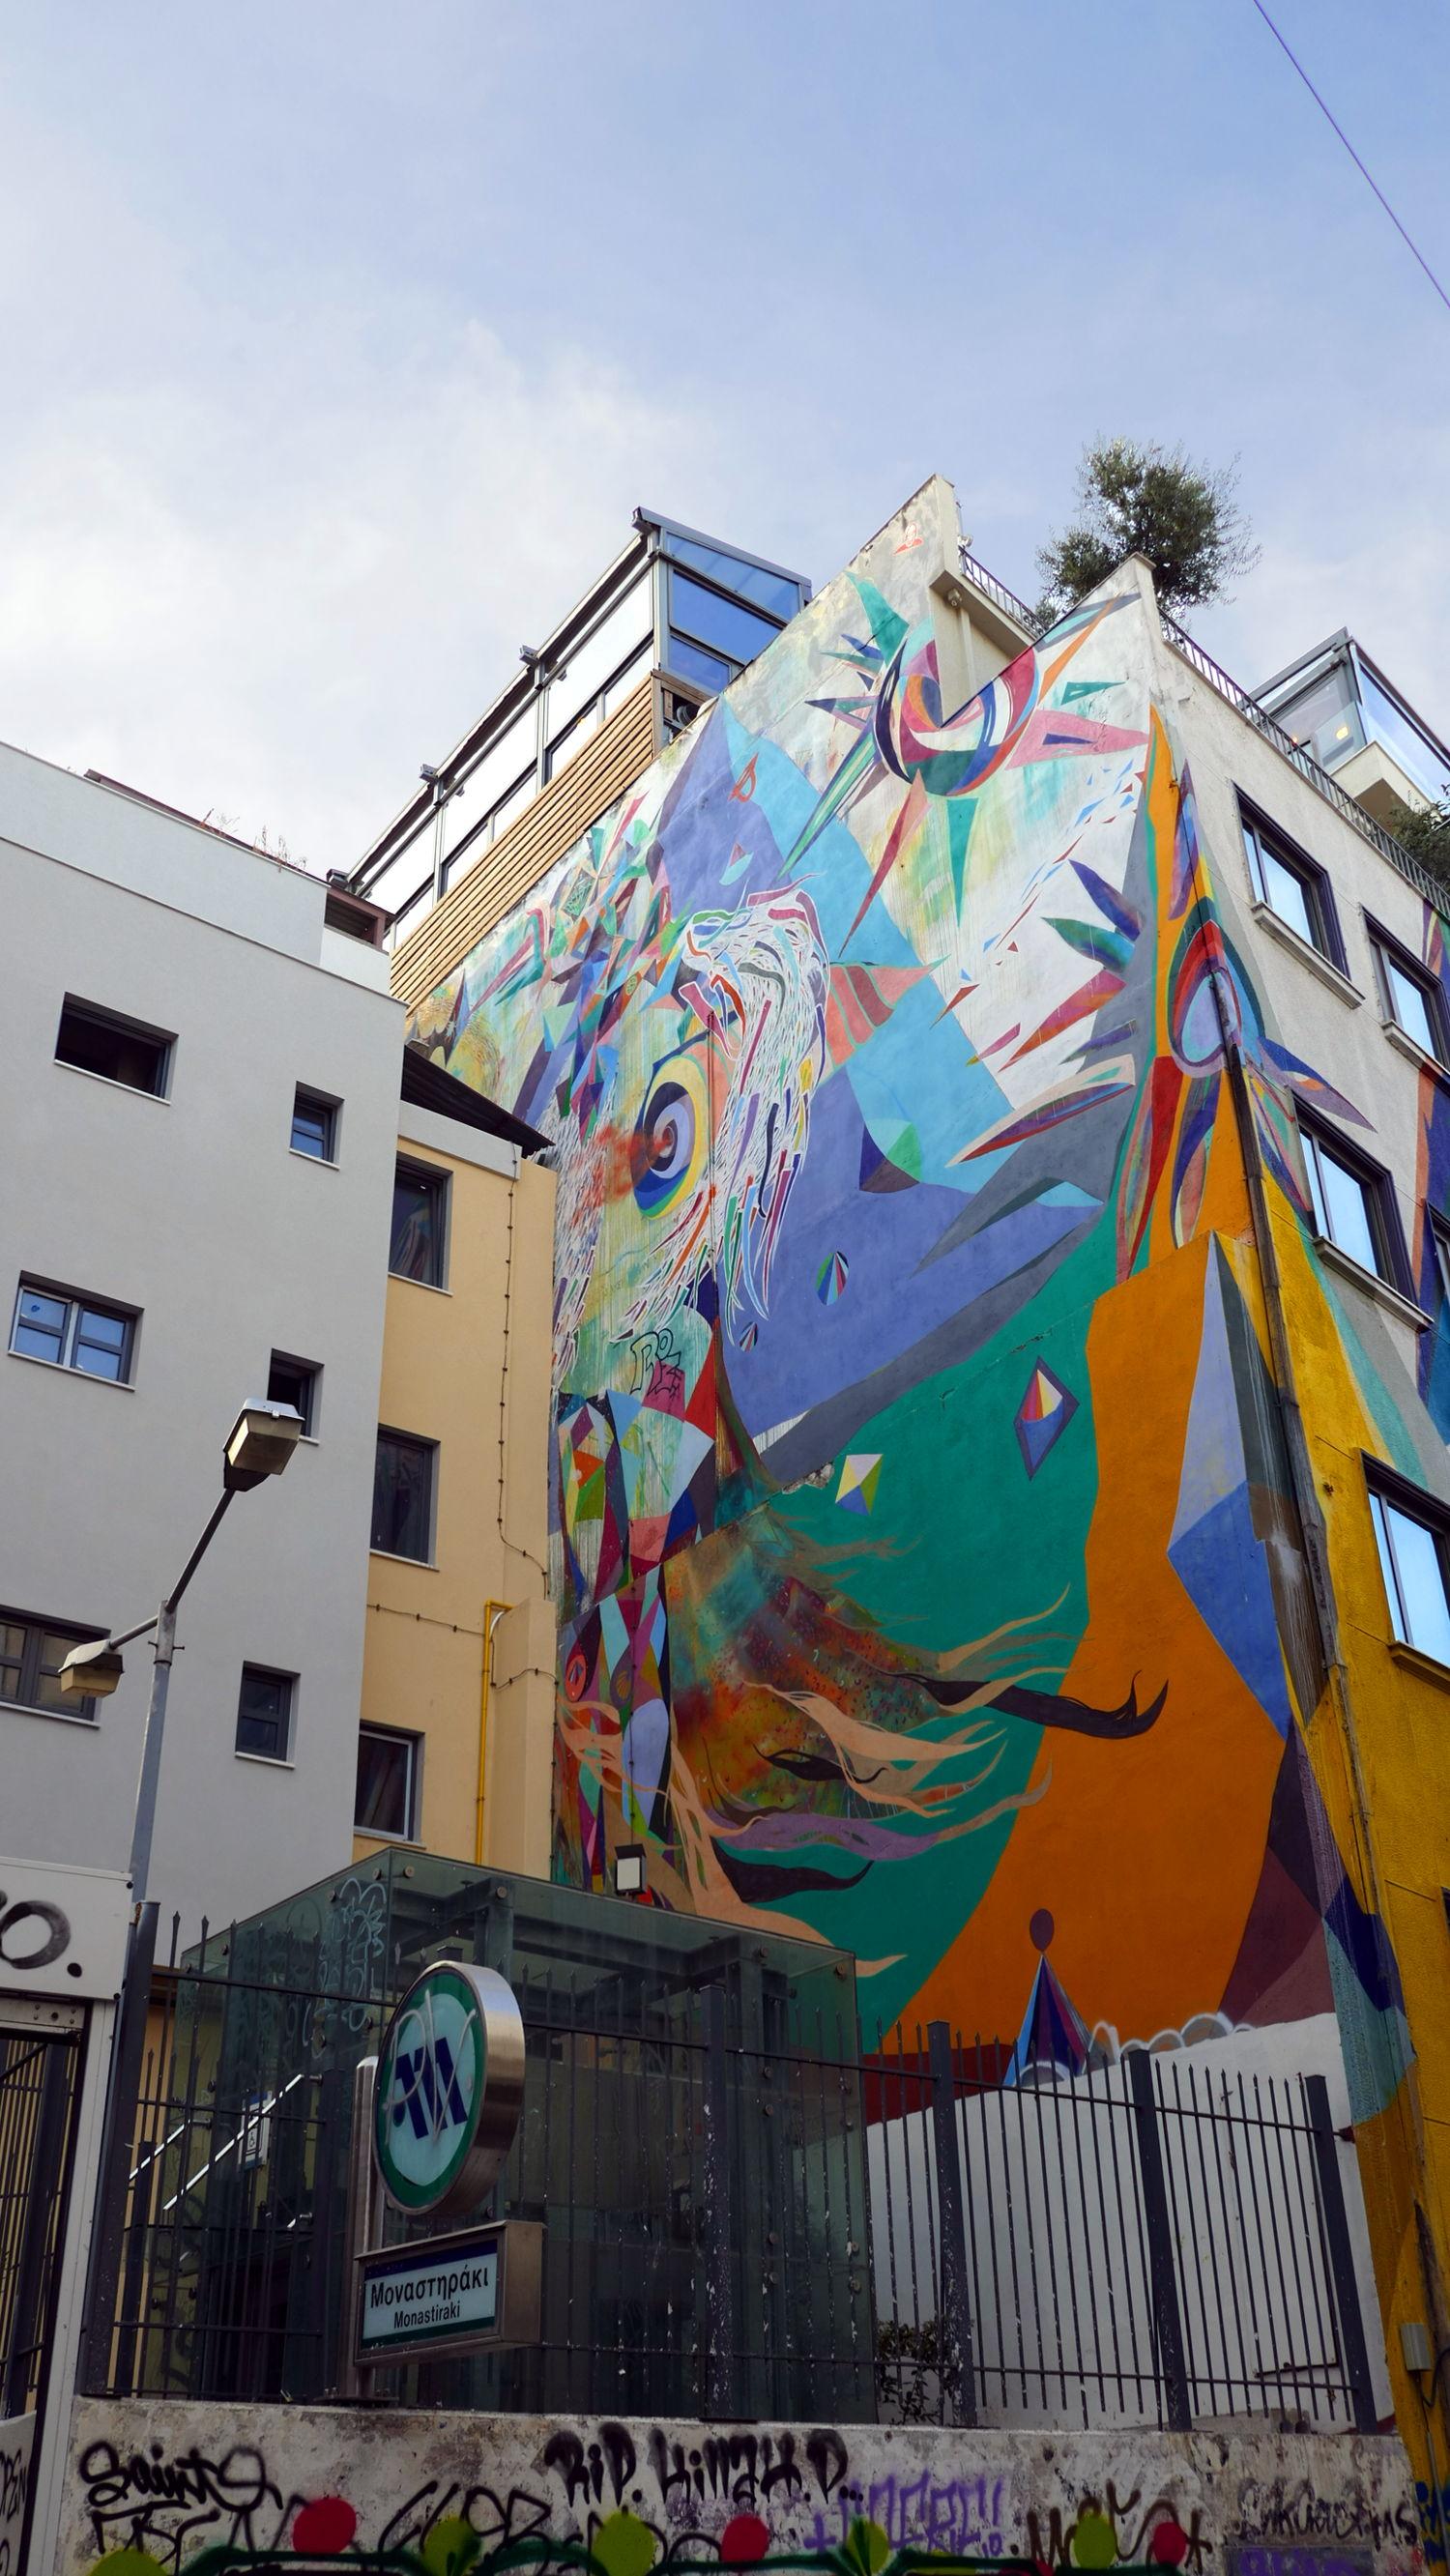 The Colorful Warrior  Artist :  Woozy, aka Vaggelis Choursoglou   Location : Monastiraki Metro Station, Athens, Greece